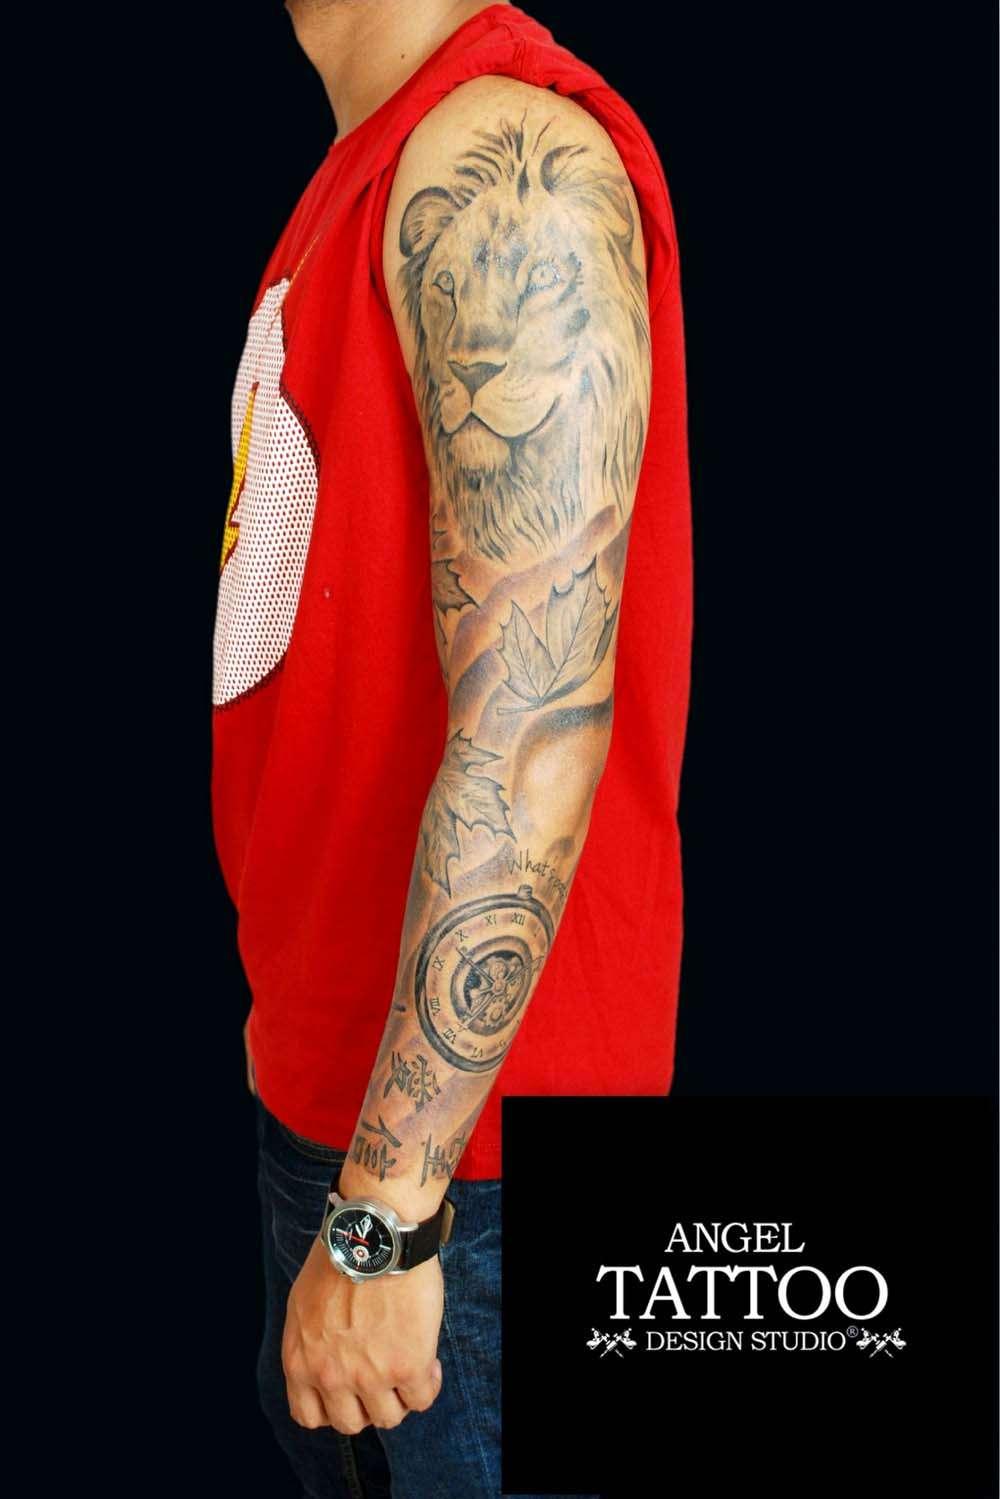 Full Sleeve Tattoo Photos: Tattoos - Full Sleeve Tattoos